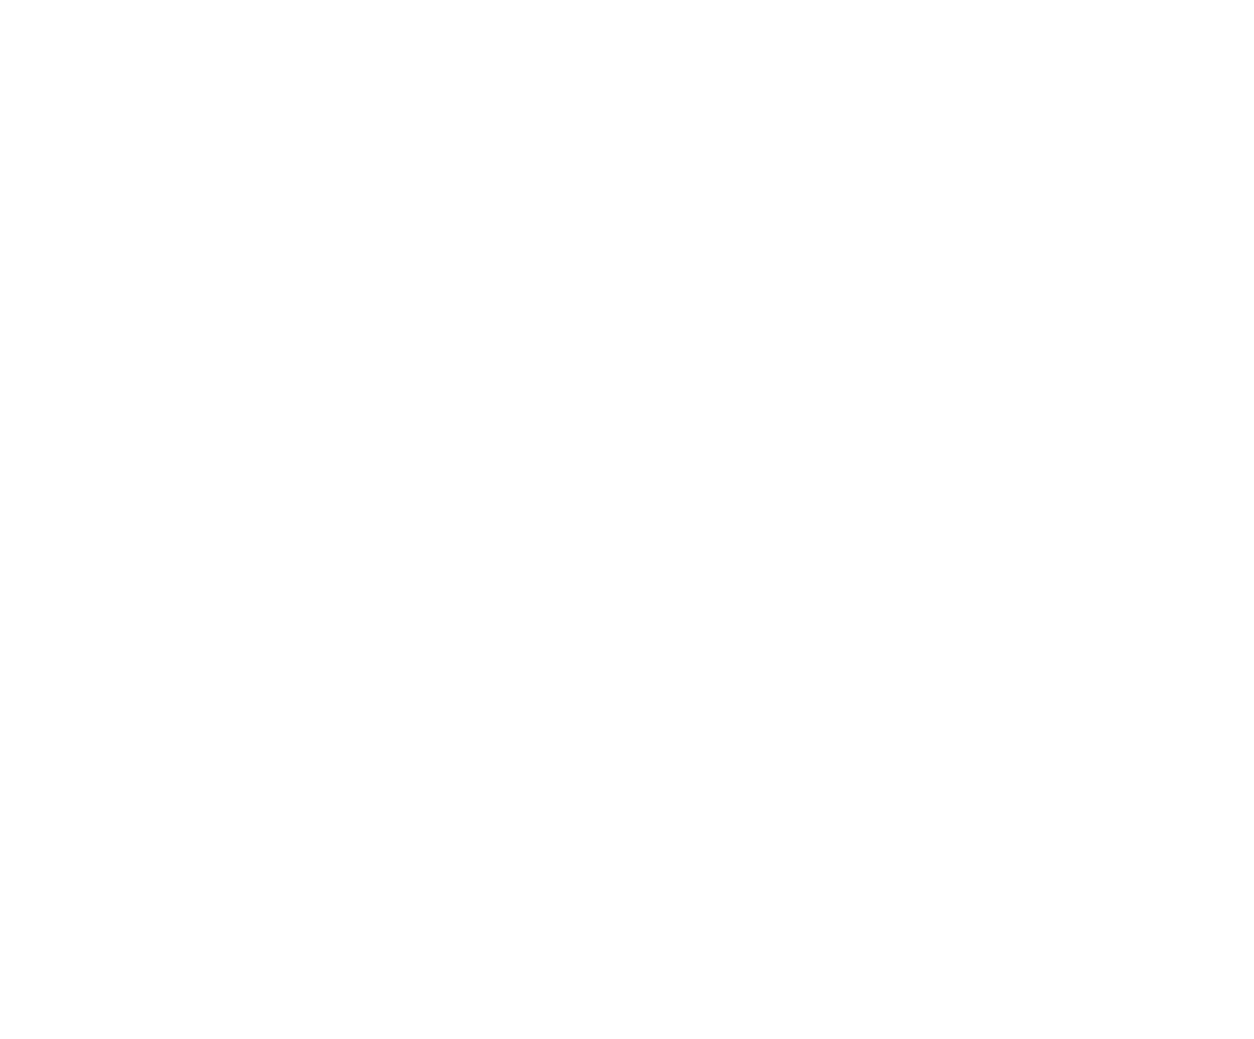 hoteltelgart_logo_white